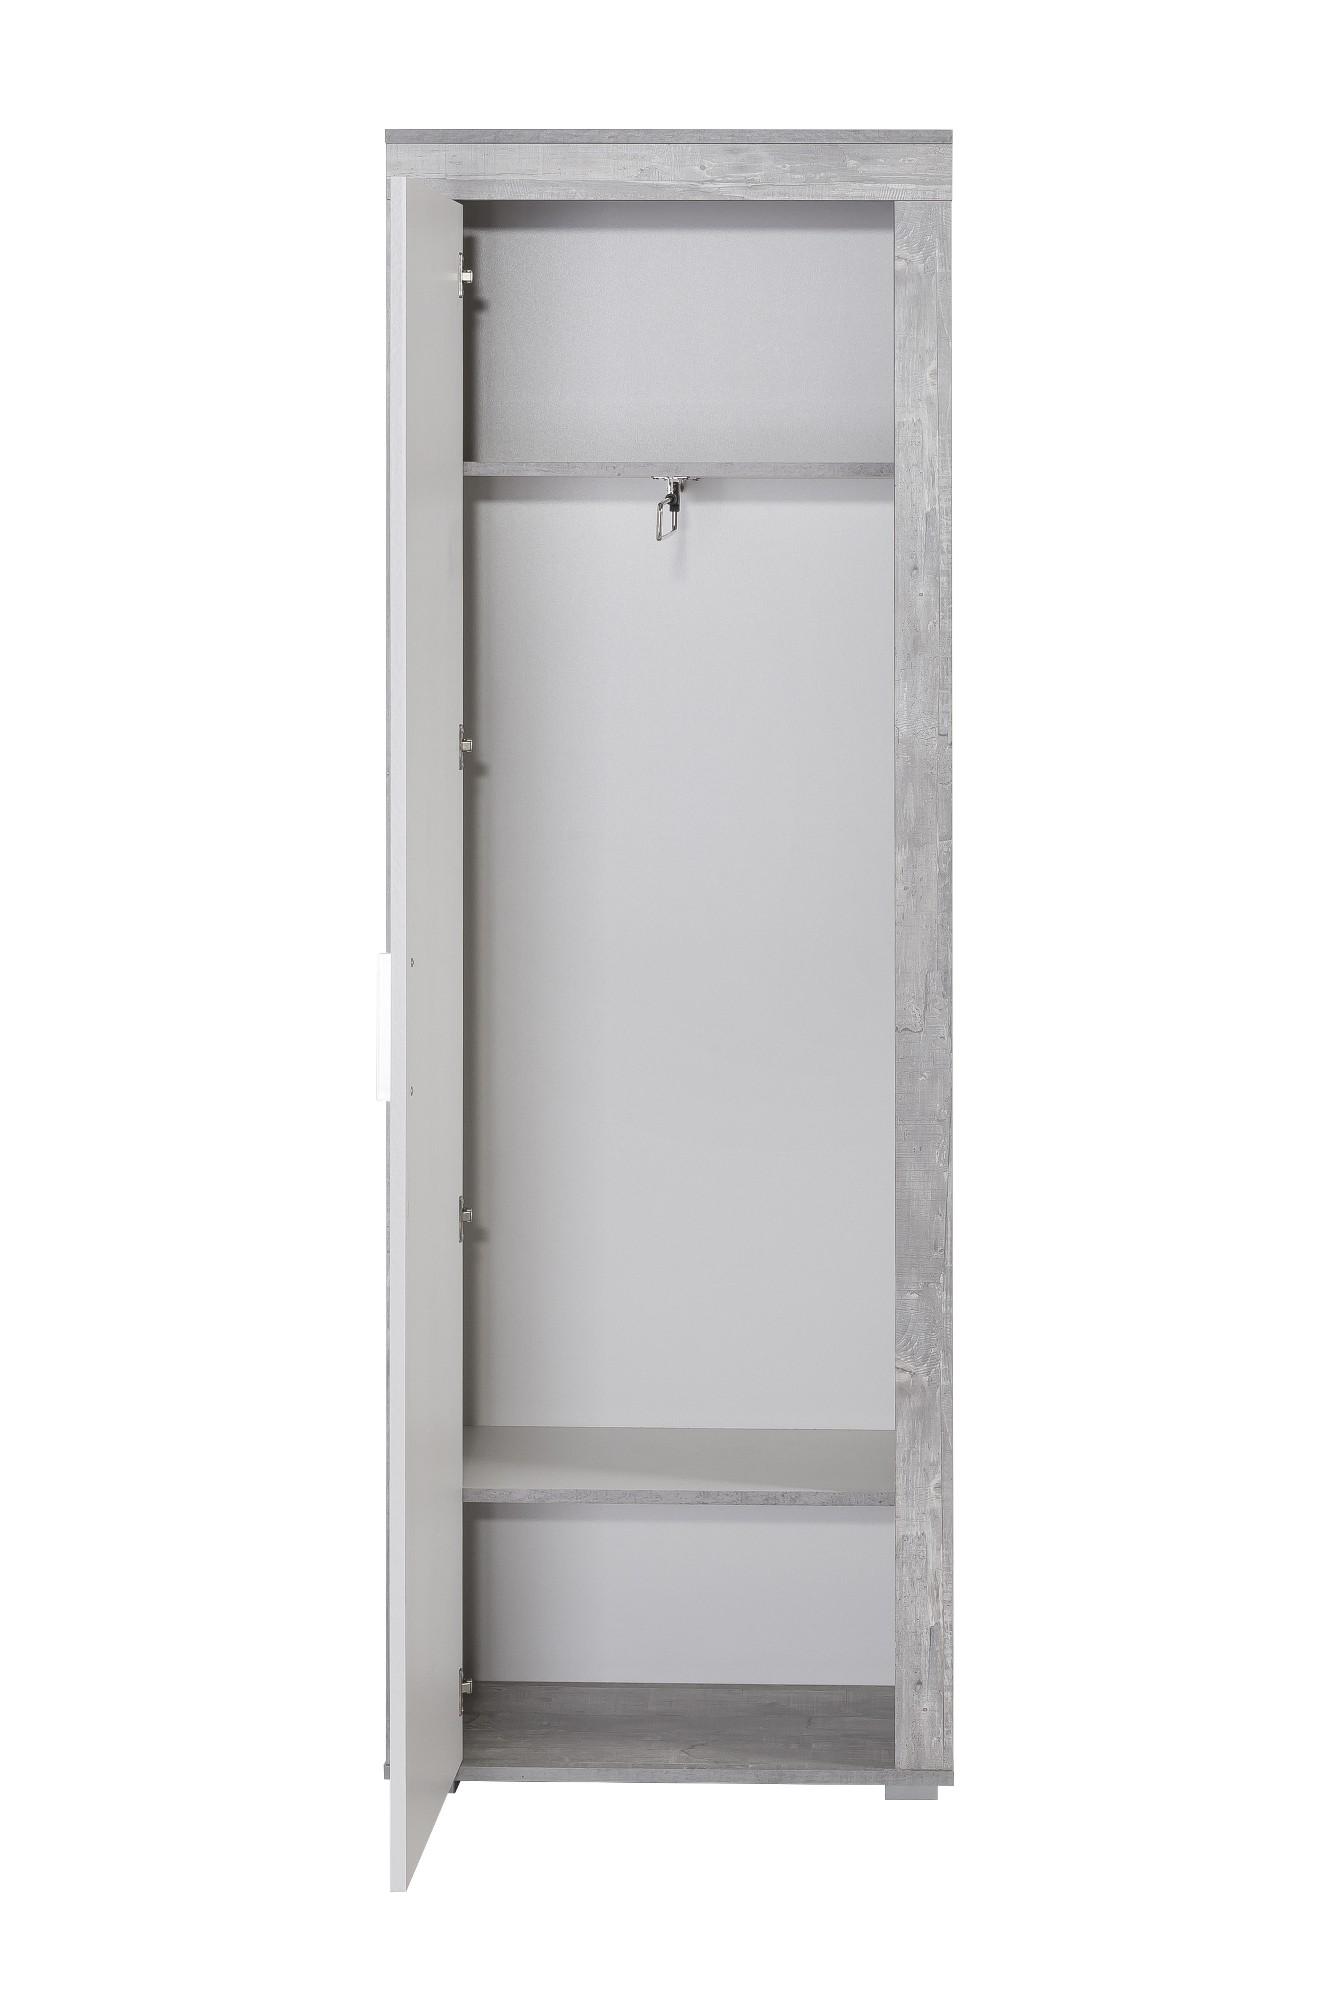 Garderobenset lake 130 cm breit 3 teilig wei beton for Garderobenschrank 130 cm breit